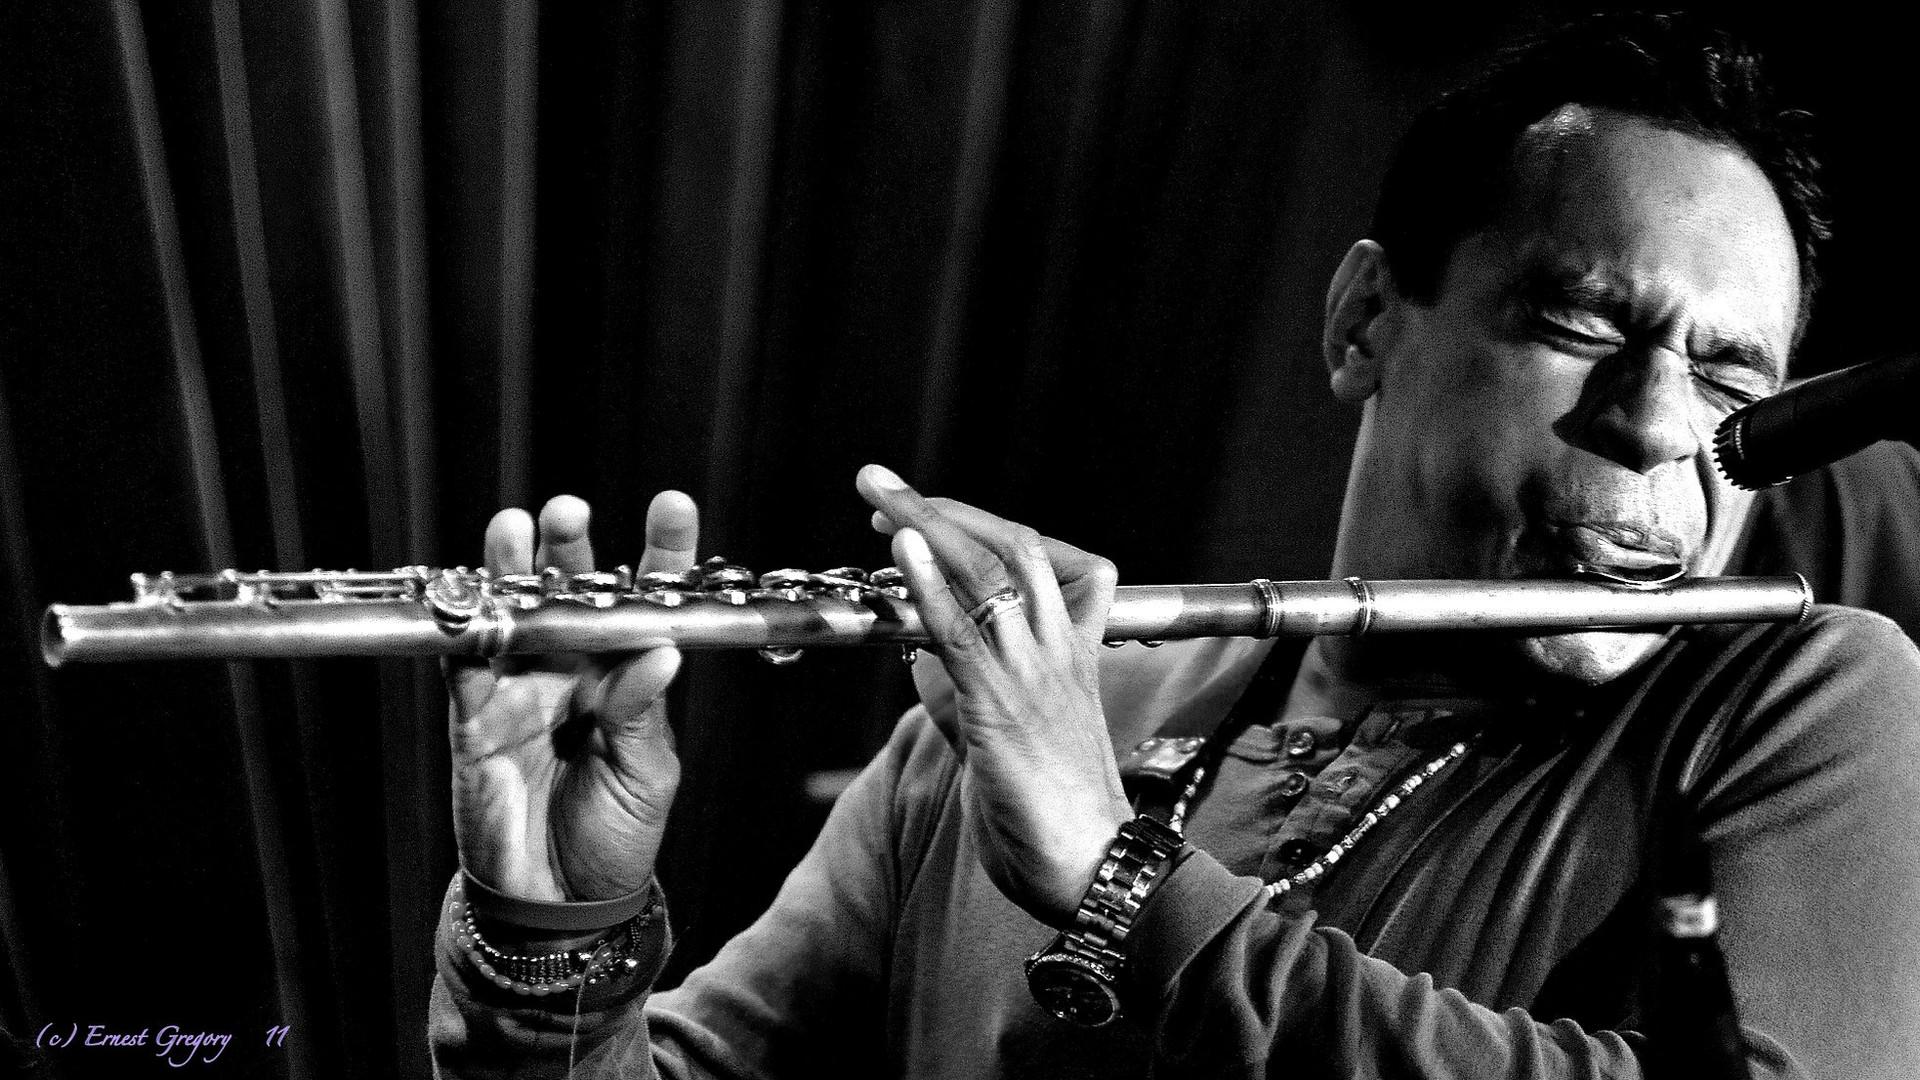 Jay Rodriguez on flute